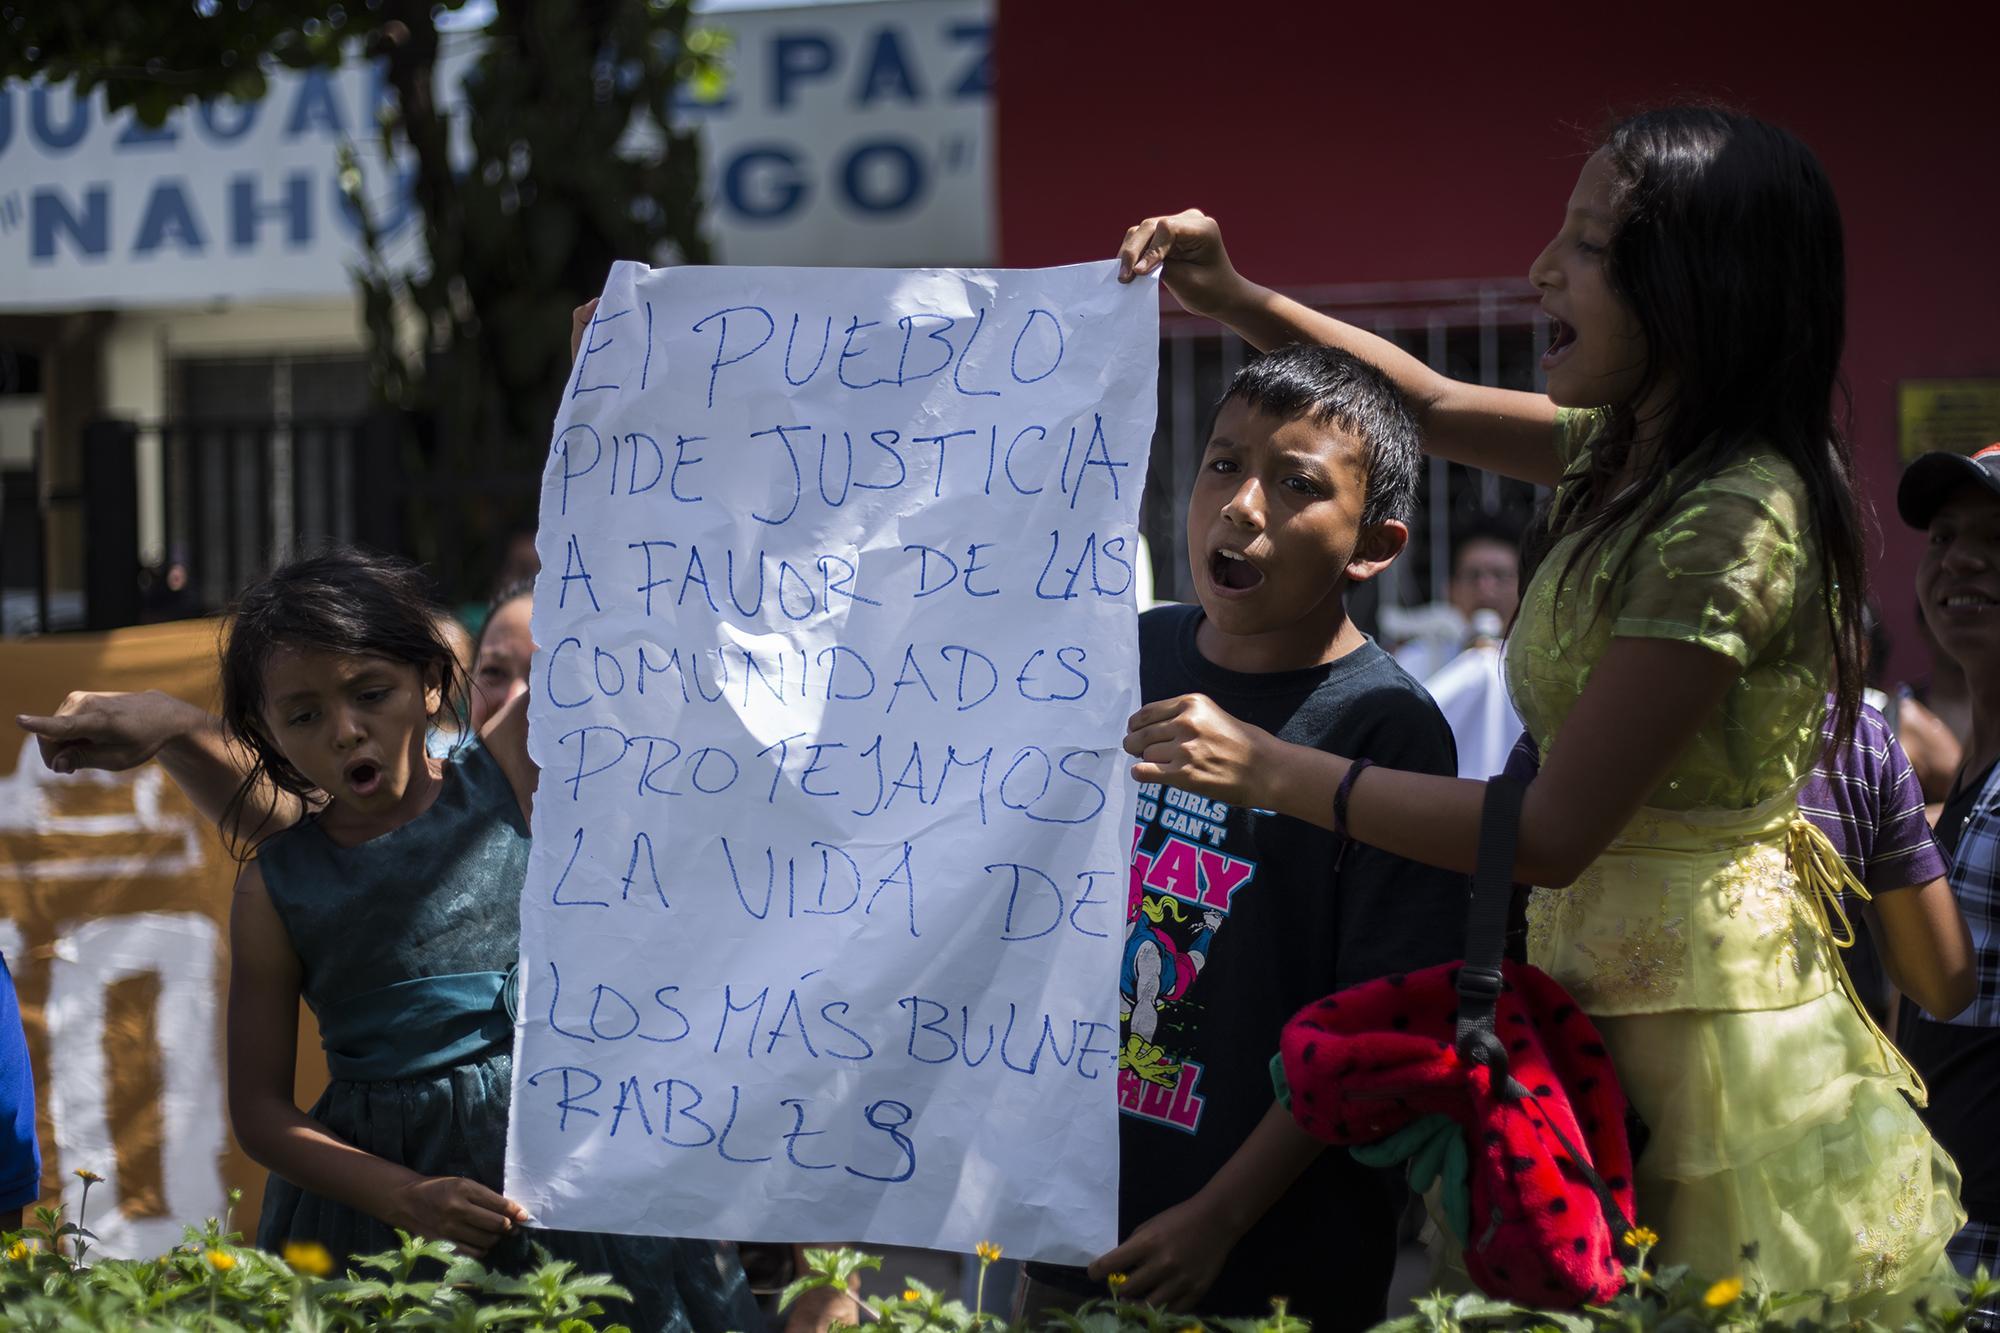 Frente al Juzgado de Paz de Nahulingo, el viernes 56 de abril, menores de la comunidad La Bolsona, en su mayoría, protestaba por la contaminación del río Ceniza, debido a la construcción del proyecto